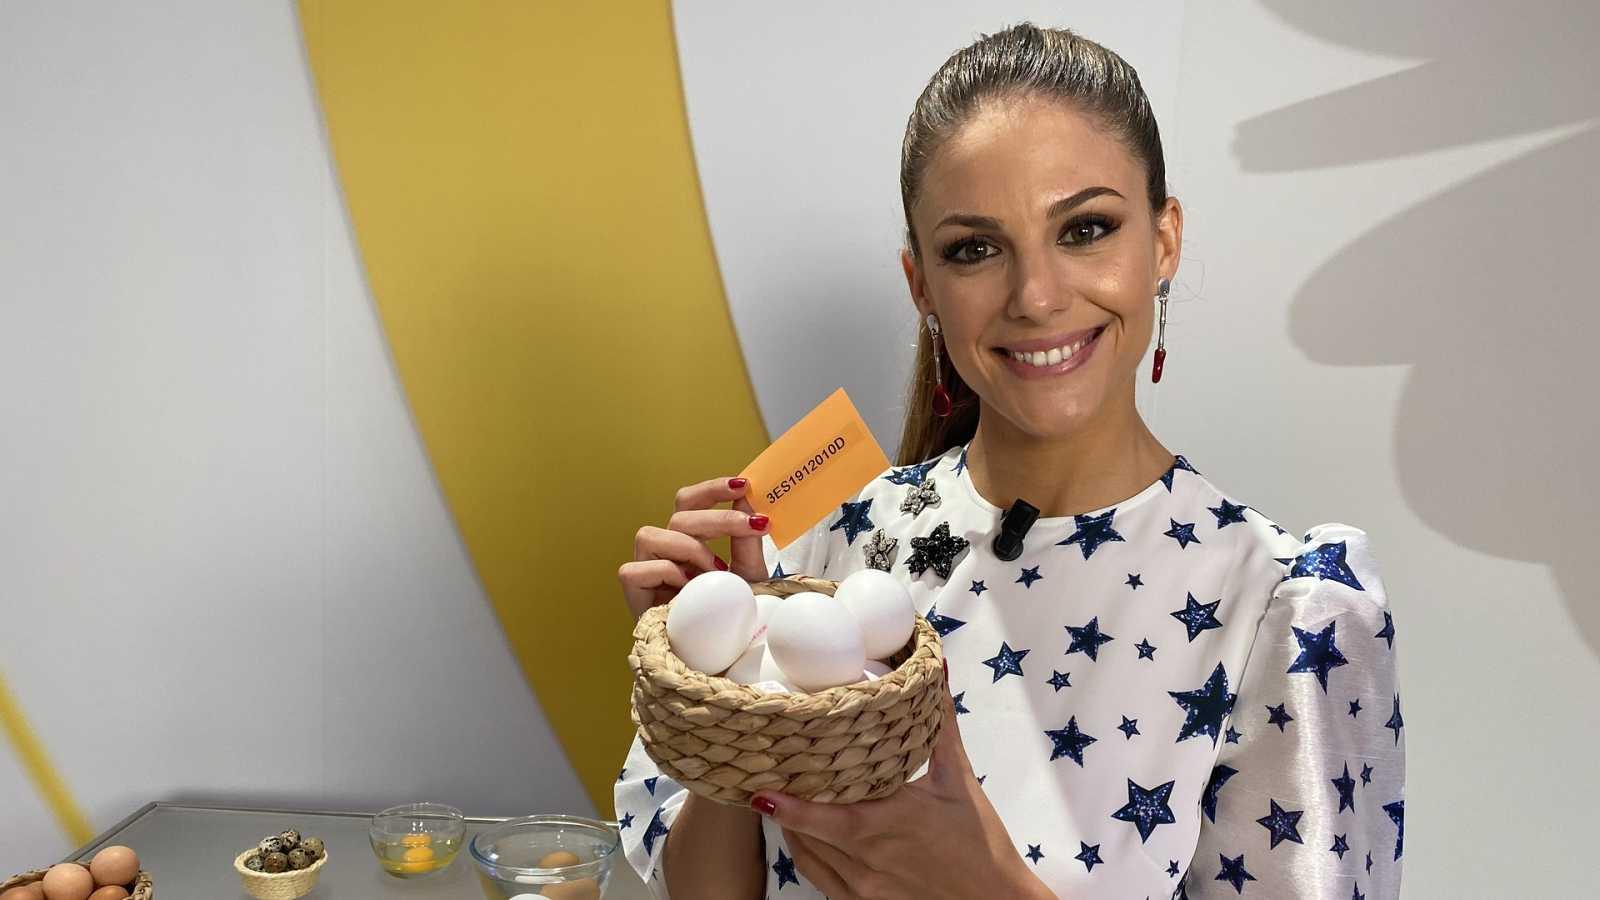 Marta Verona desmonta el mito de los huevos